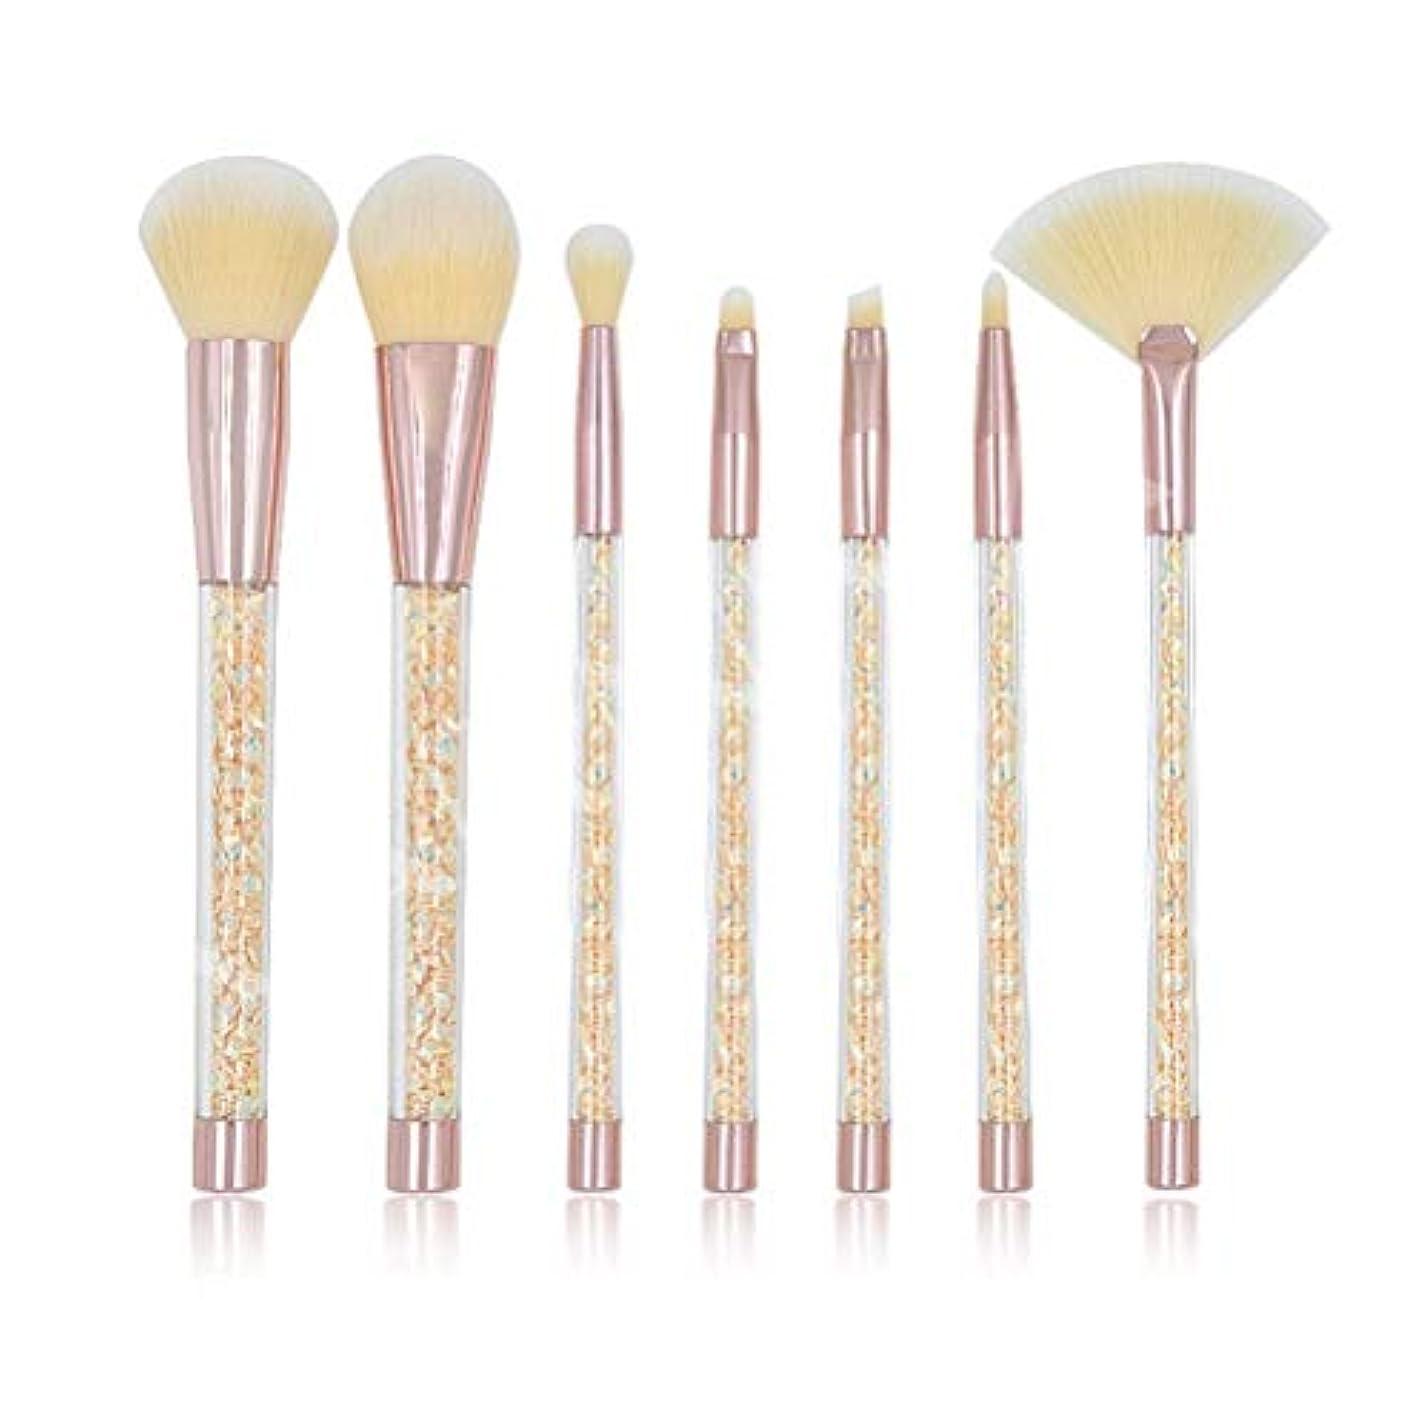 母経度間違いなくLSHJP 化粧ブラシ 7個セット 化粧道具 レディース ビューティー きれいめ 簡単 カジュアル 便利 お出かけ 高品質 (Color : OrangeYellow, Size : ワンサイズ)